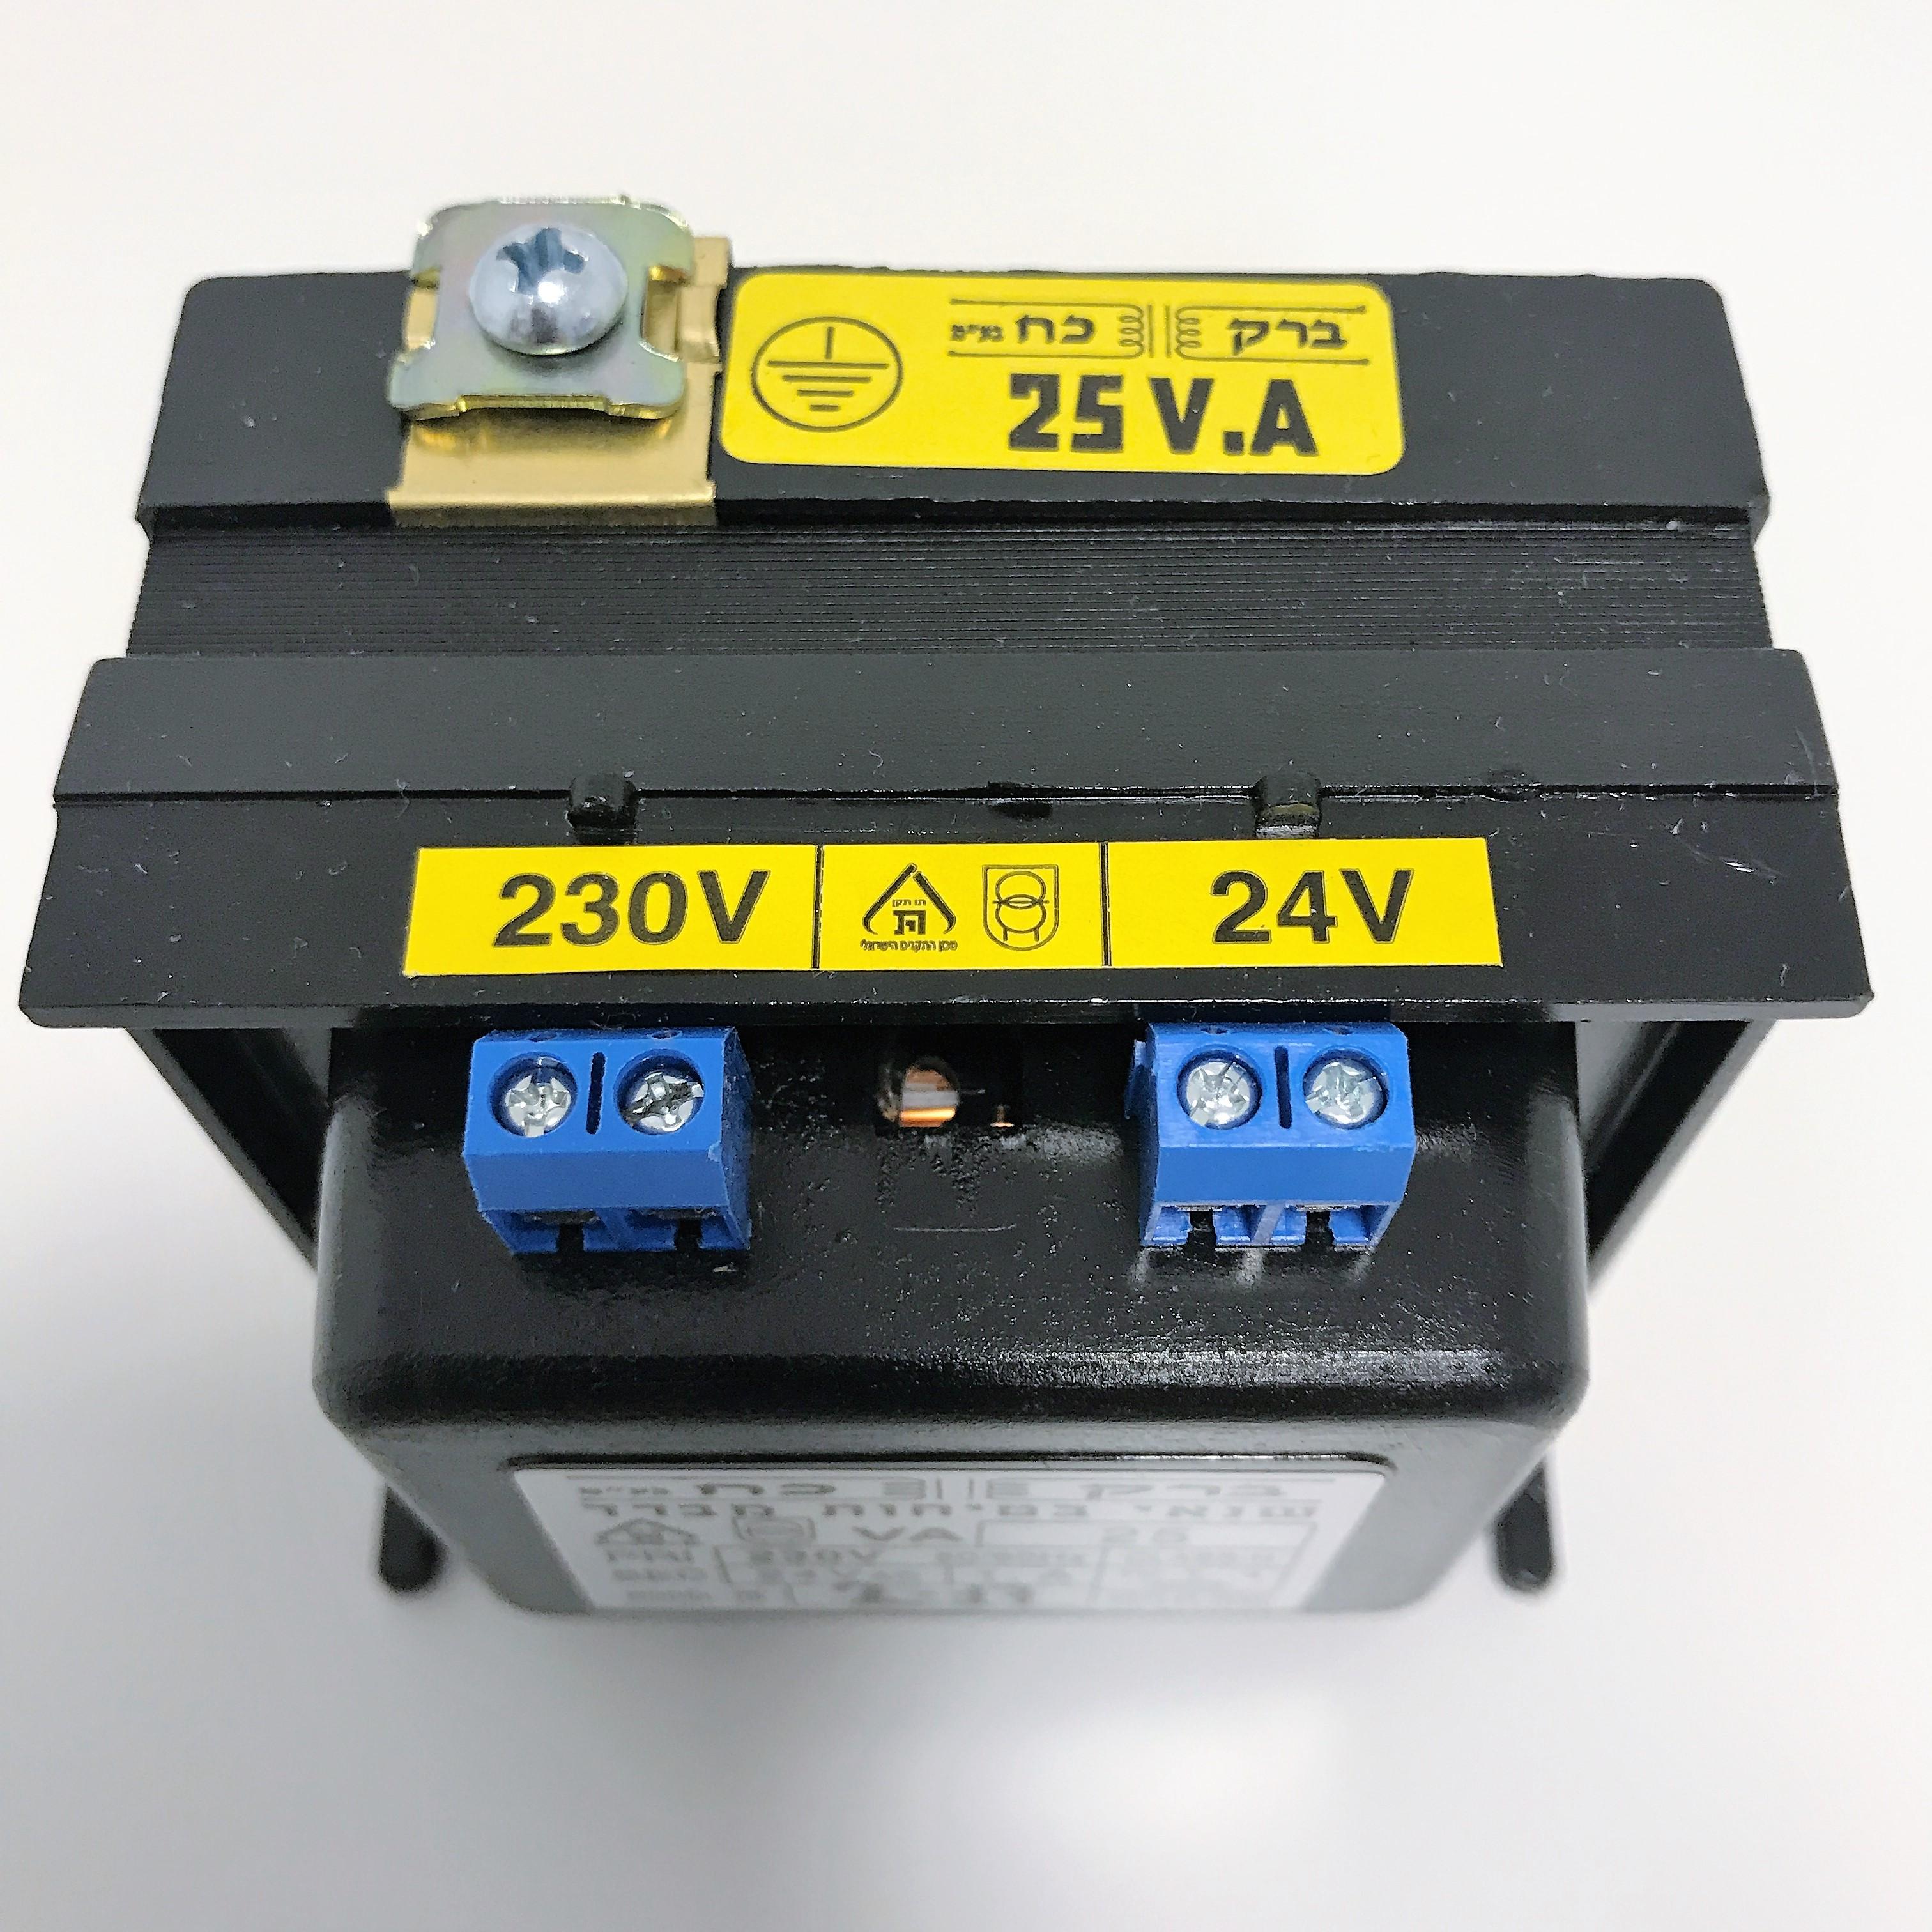 שנאי מבדל בהספק 25VA במתחים 230V-12V+12V